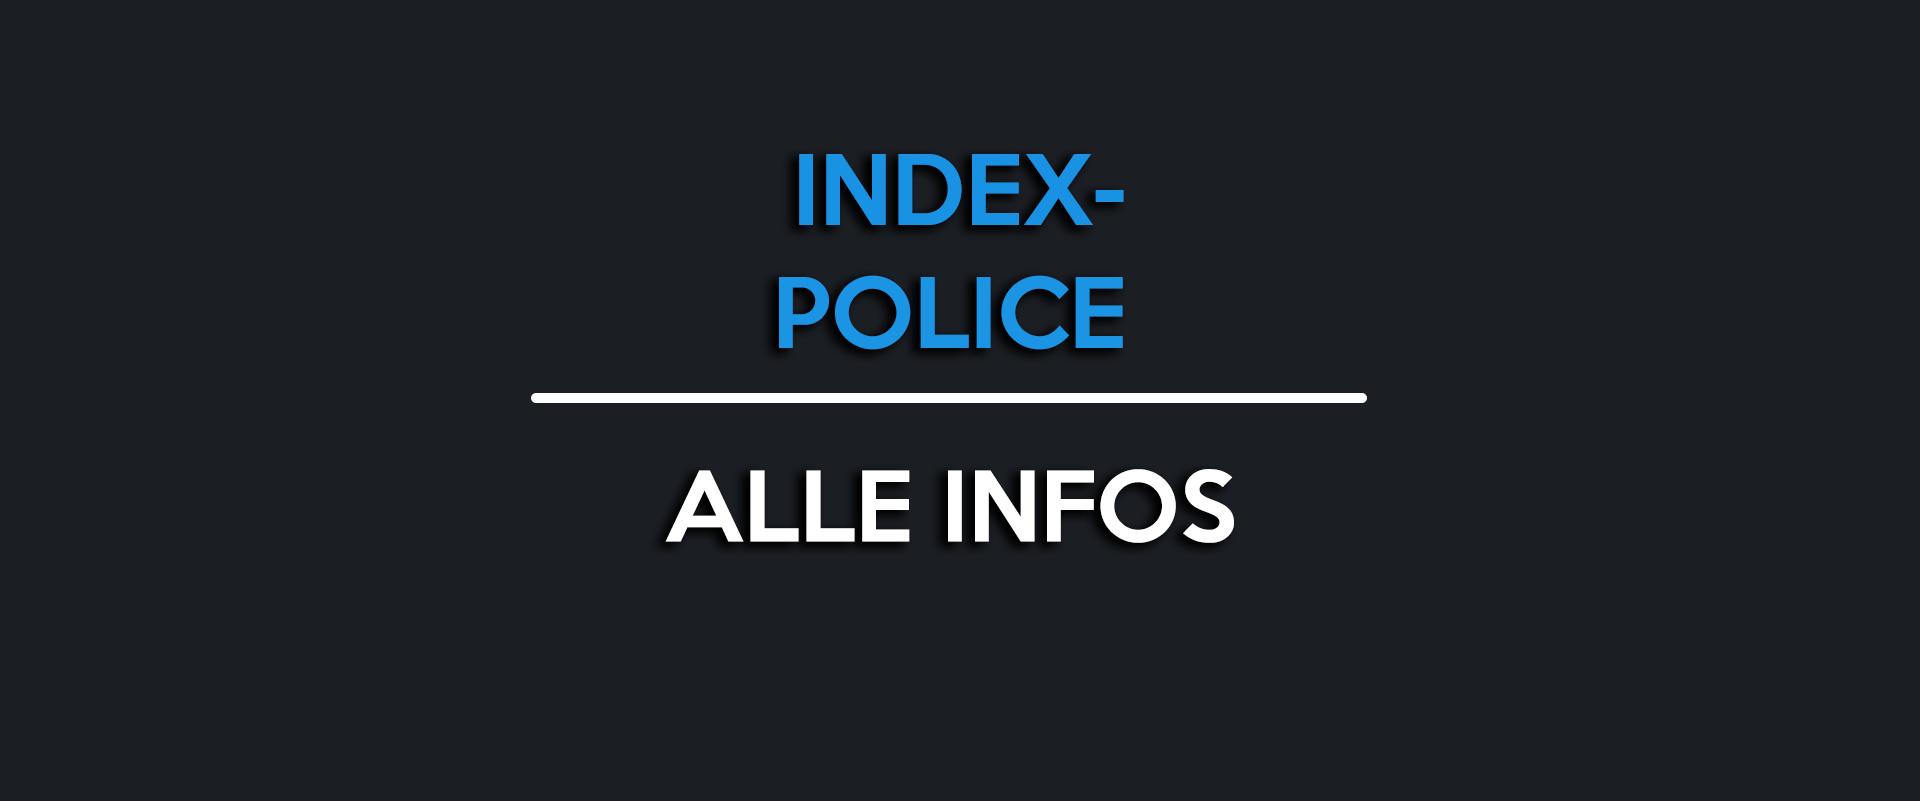 indexpolice allianz indexpolice vergleich - Blog